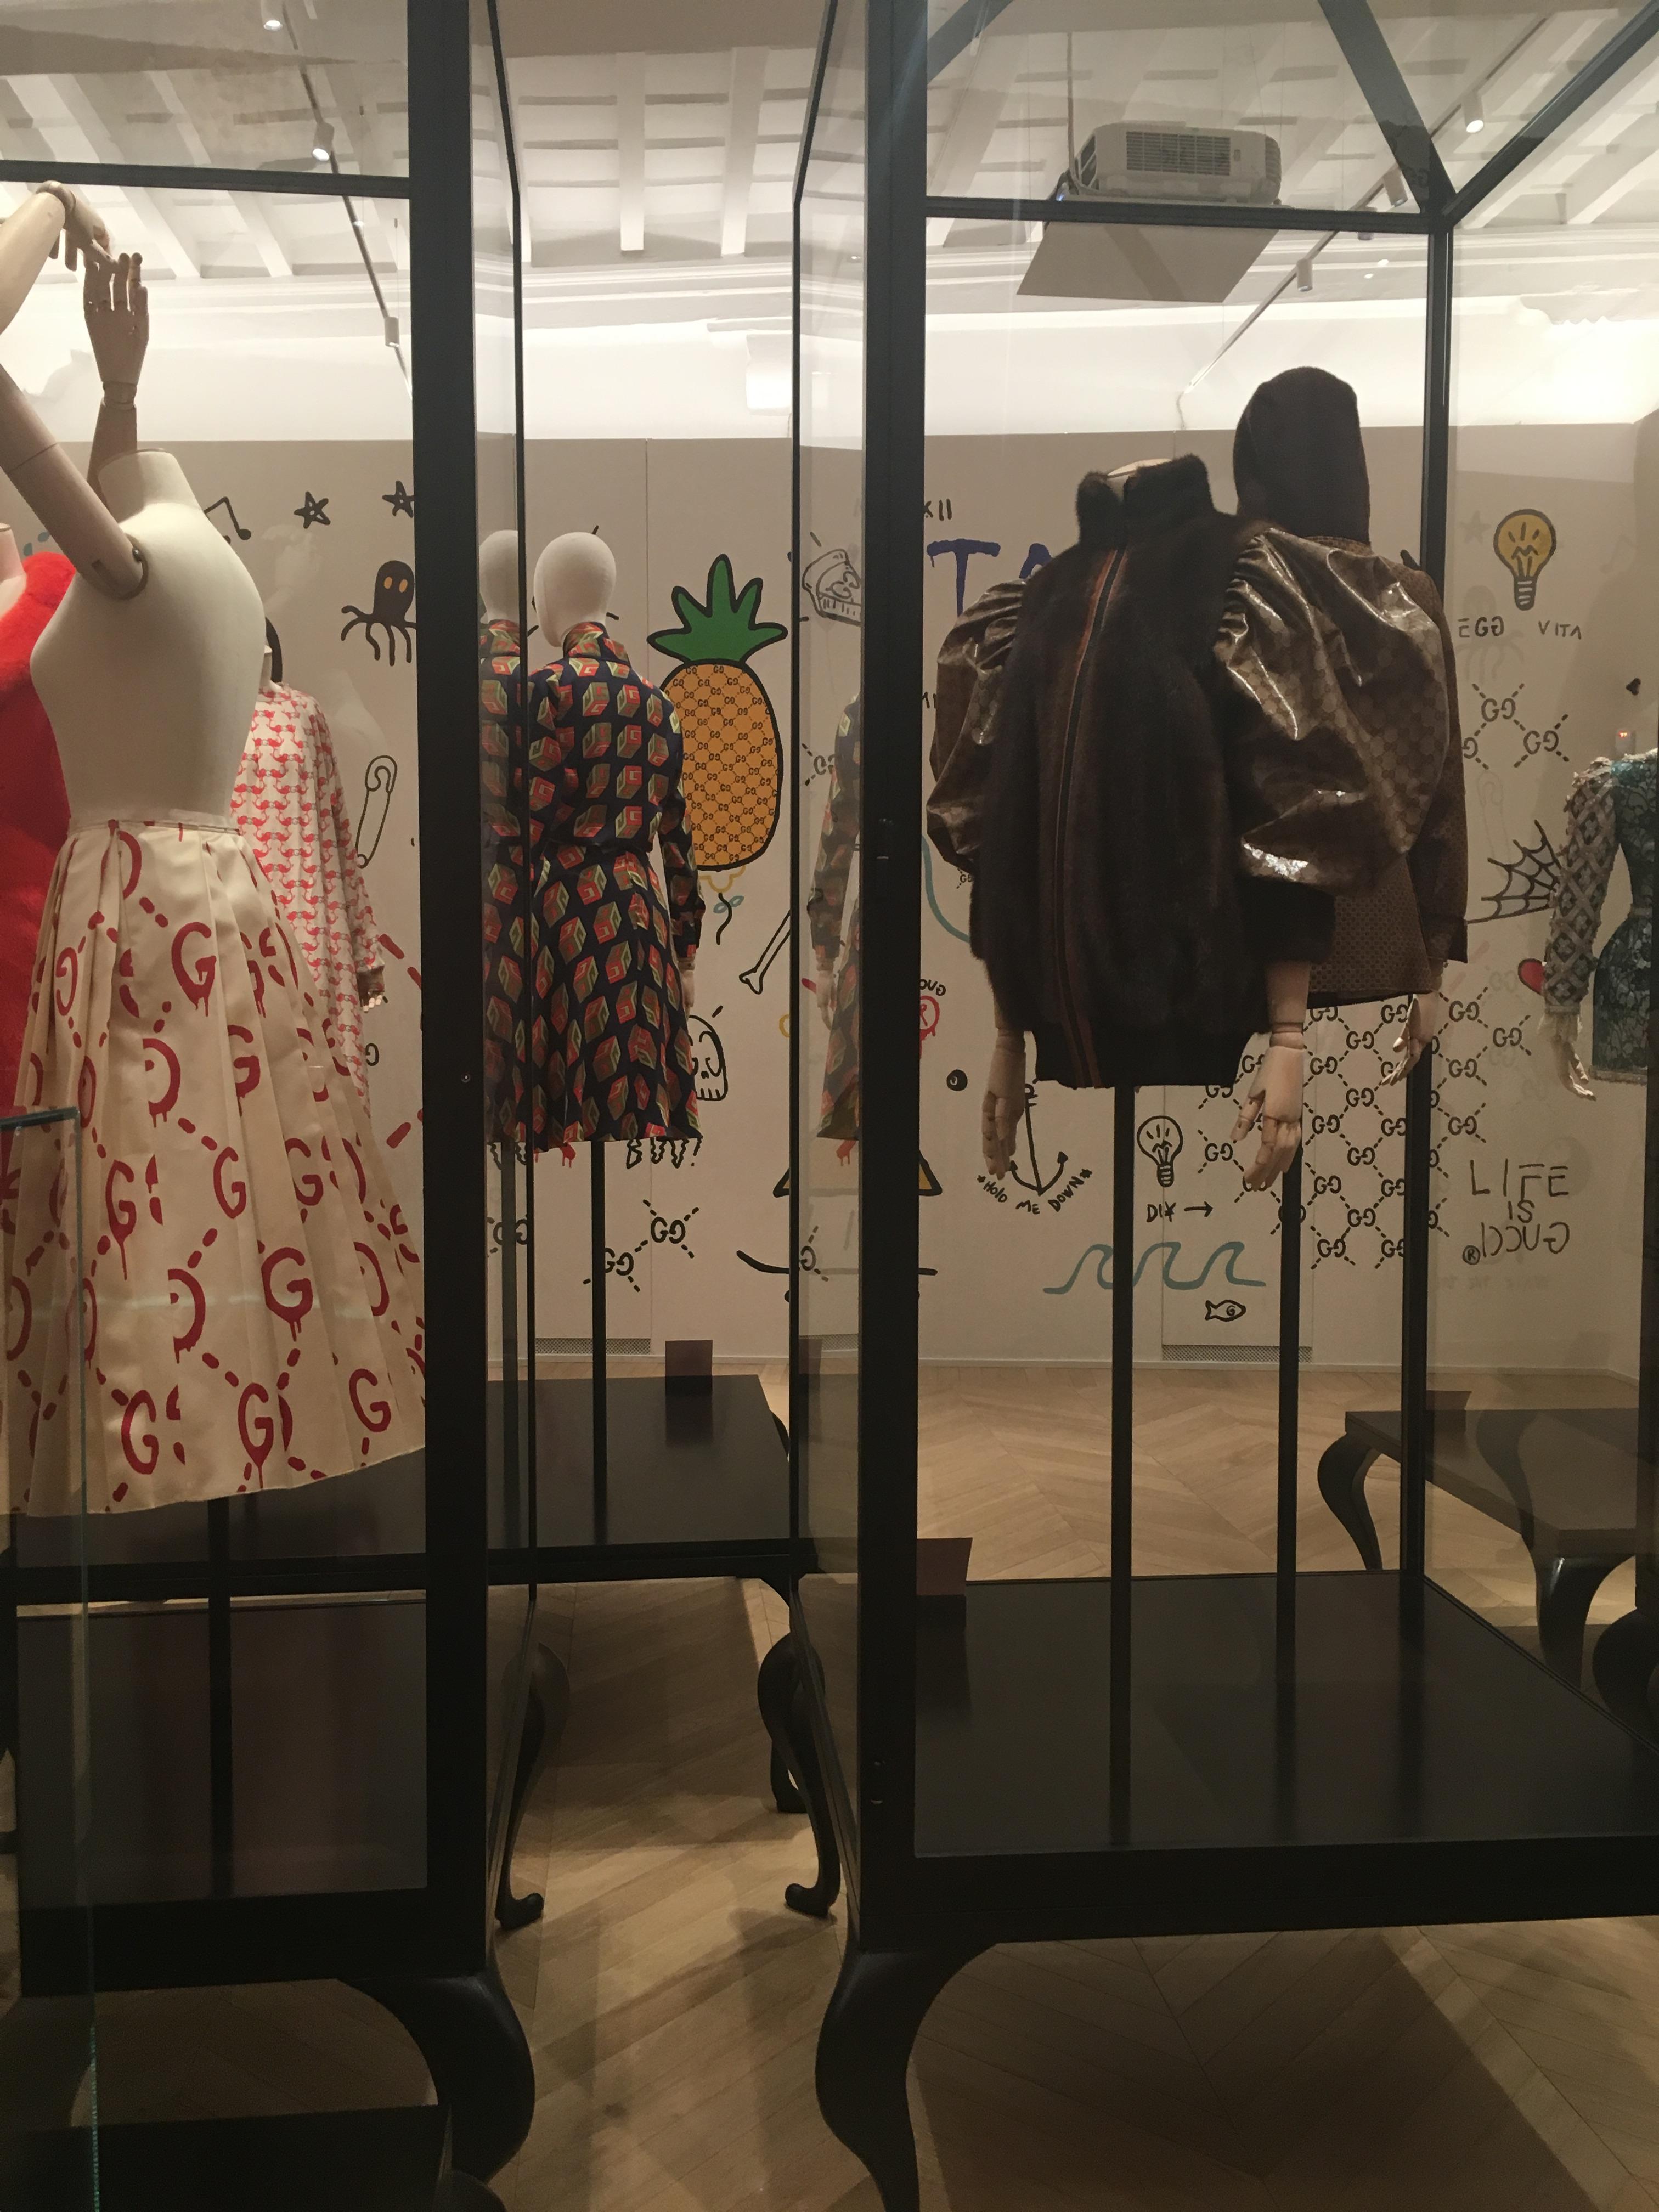 Percorso speciale sulla moda a Firenze